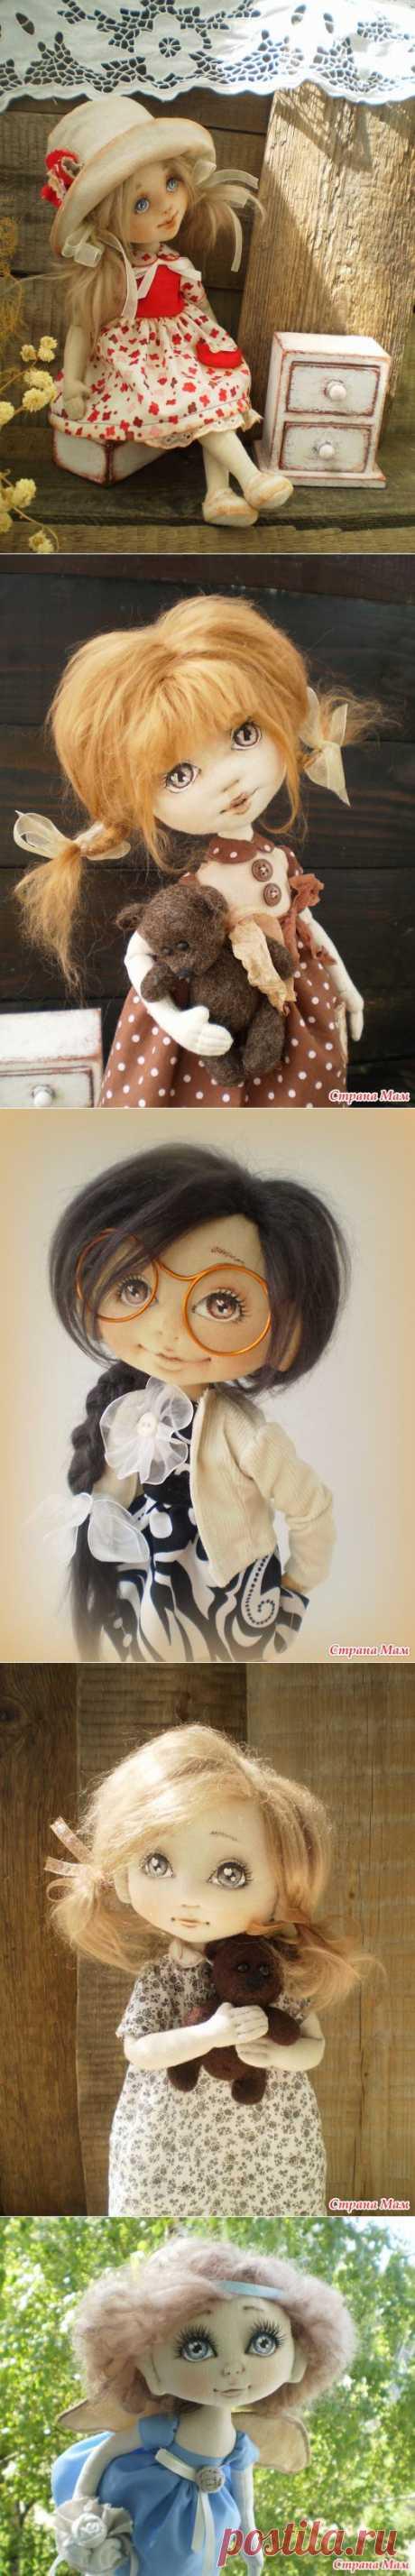 Текстильные куклы Ирины Хочиной. Полюбоваться!.